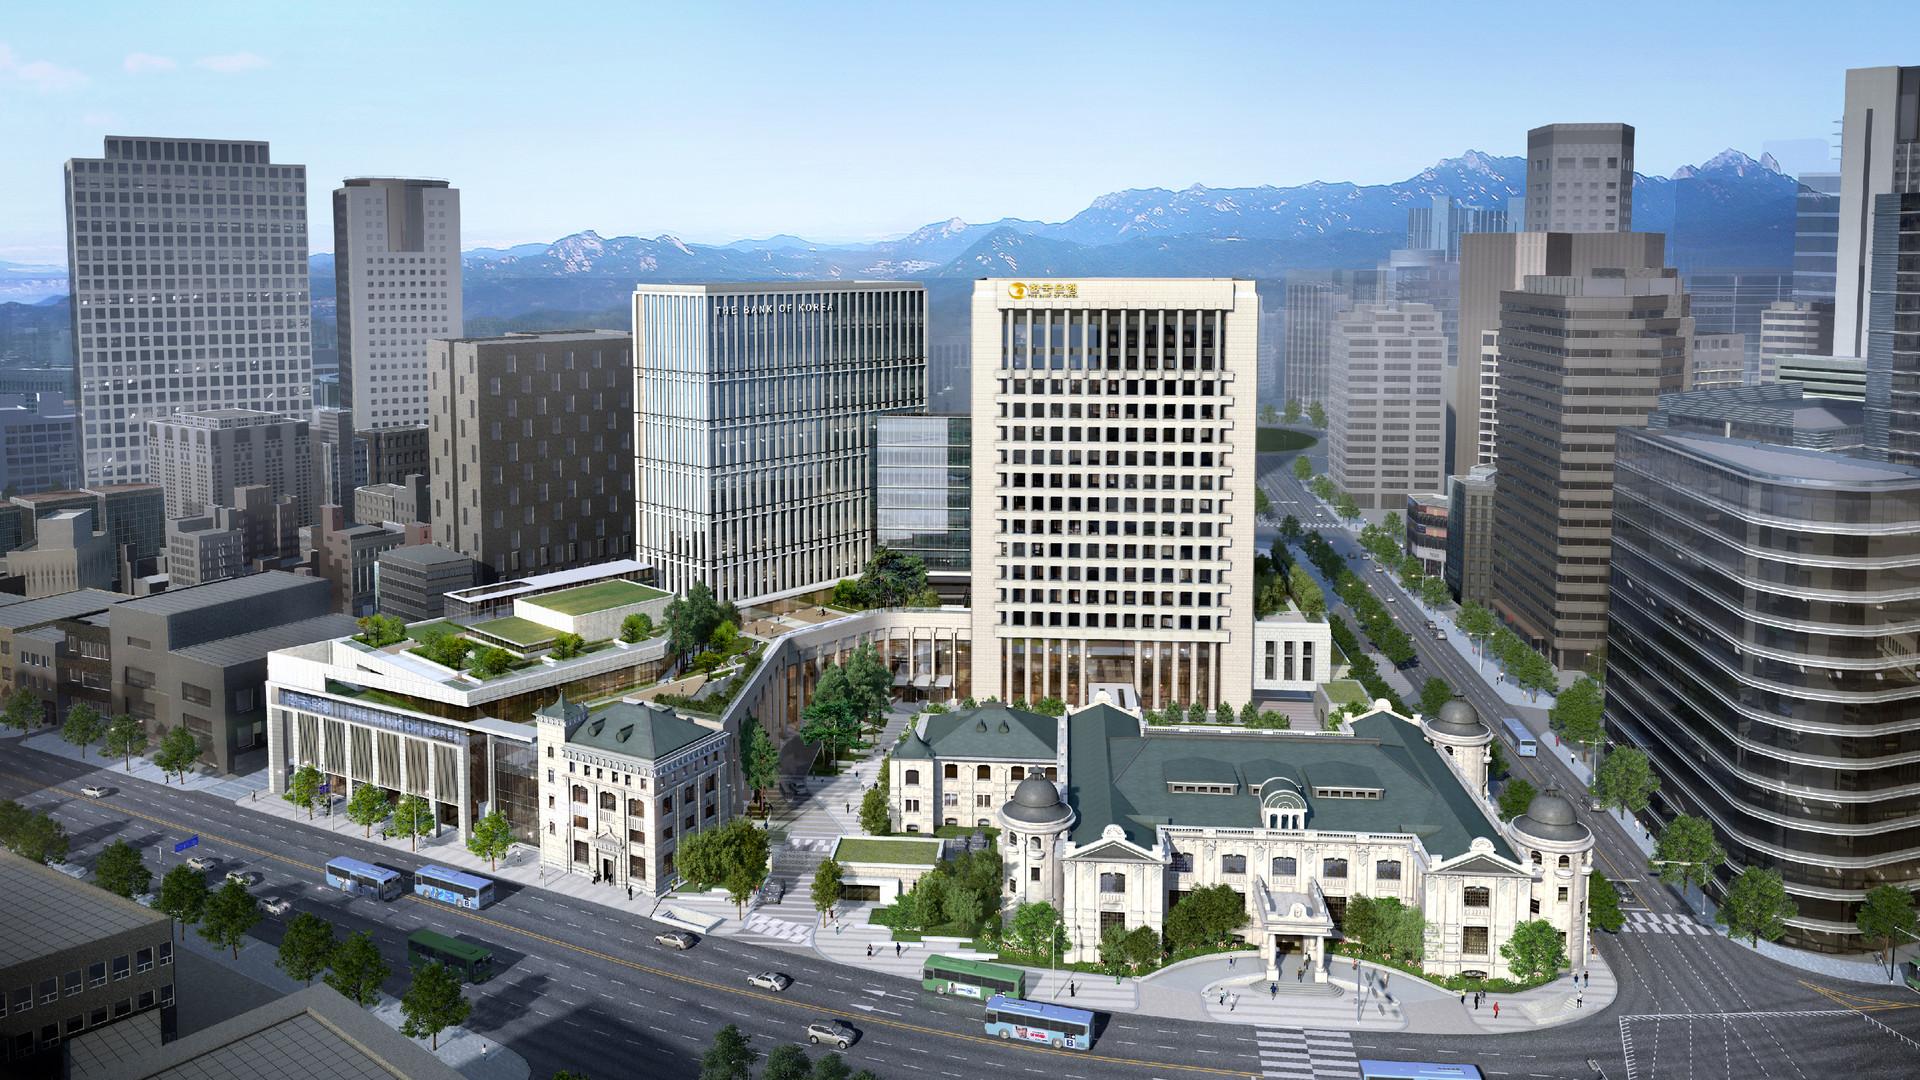 2017 / 11 / 한국은행 통합별관 건축공사 실시설계 기술제안